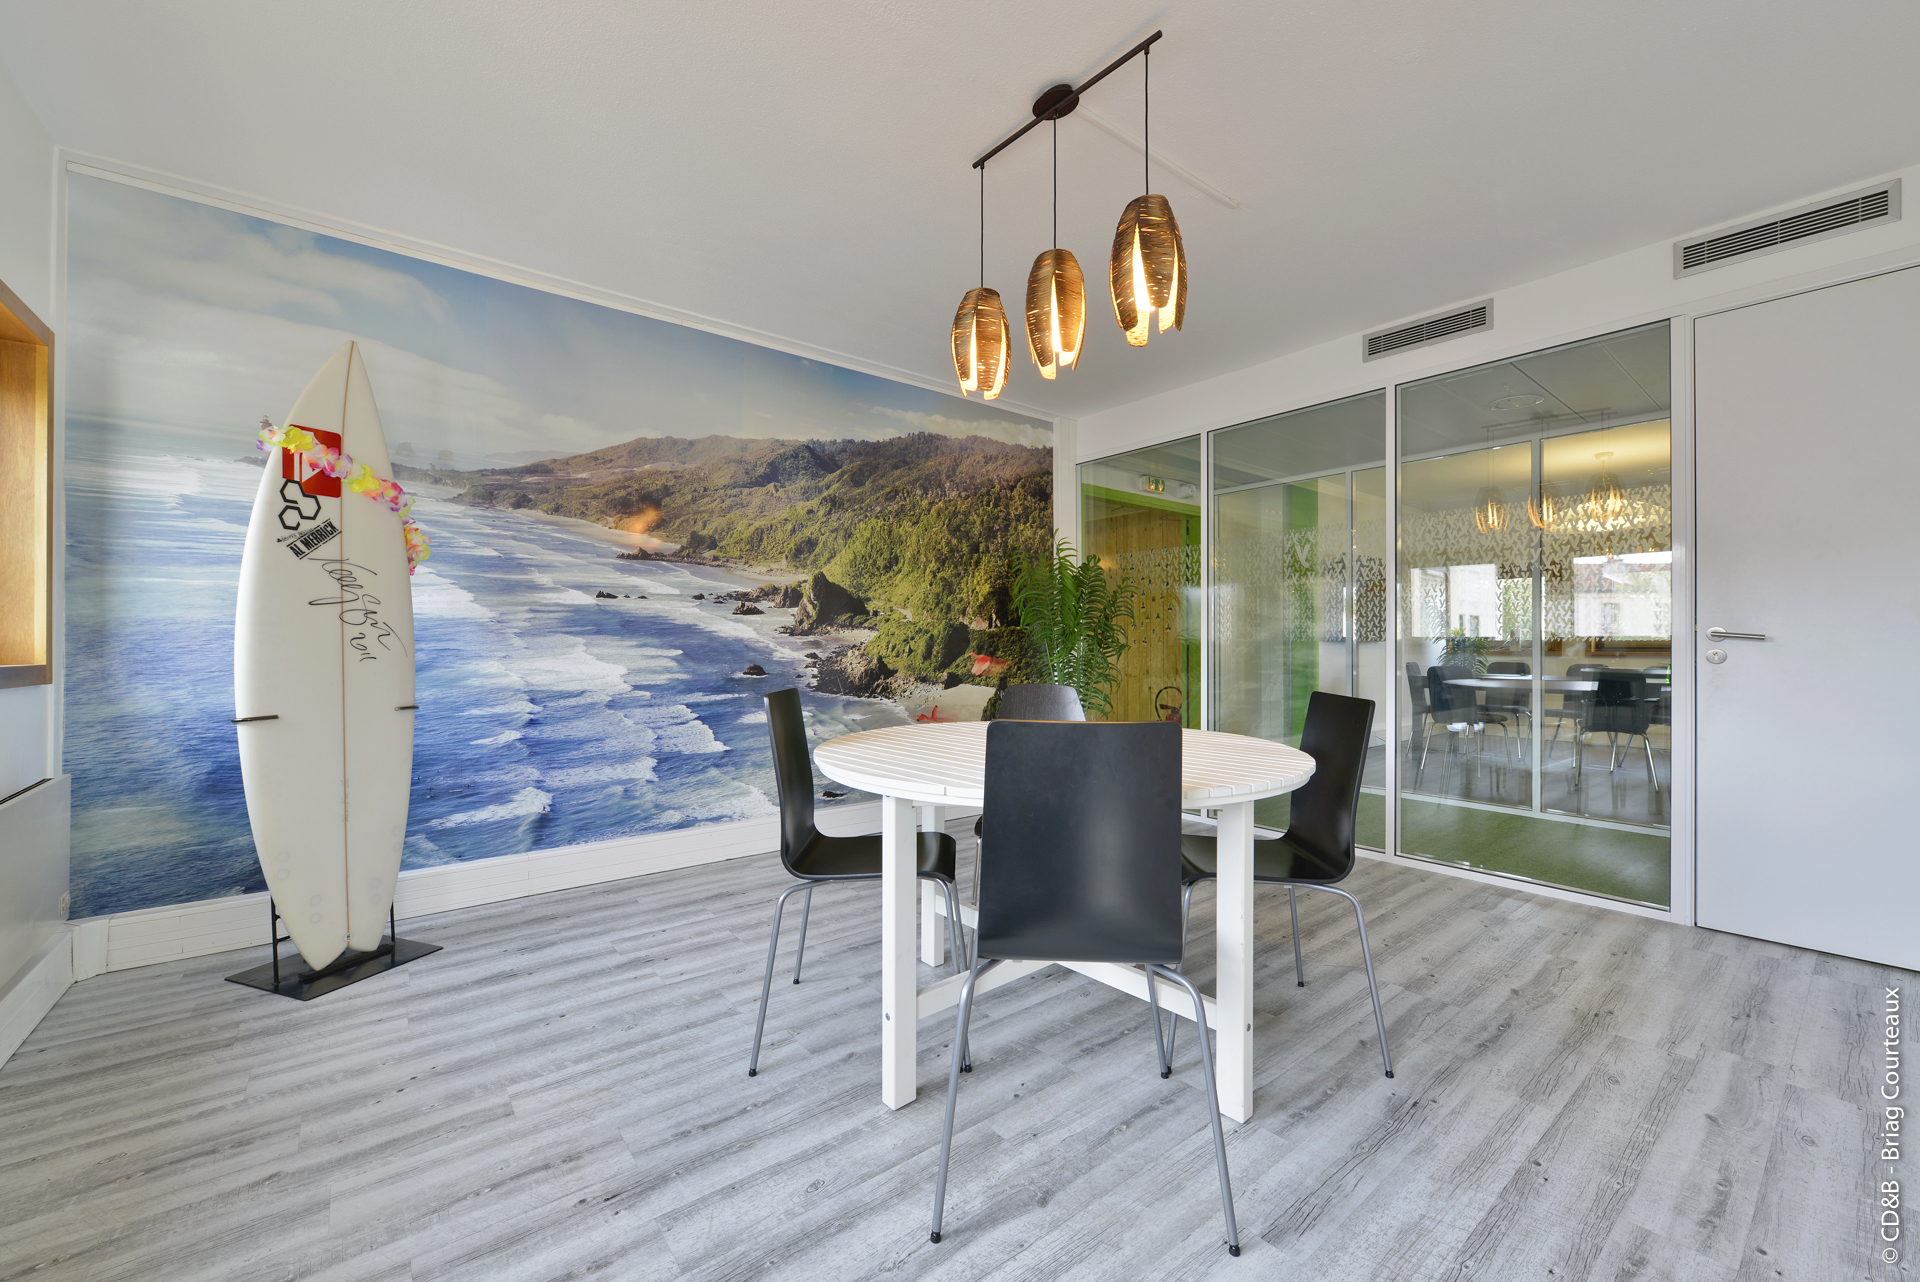 Conseil, aménagement, conception et réalisation des espaces de travail de la société Melty par CDB, Meet you there.